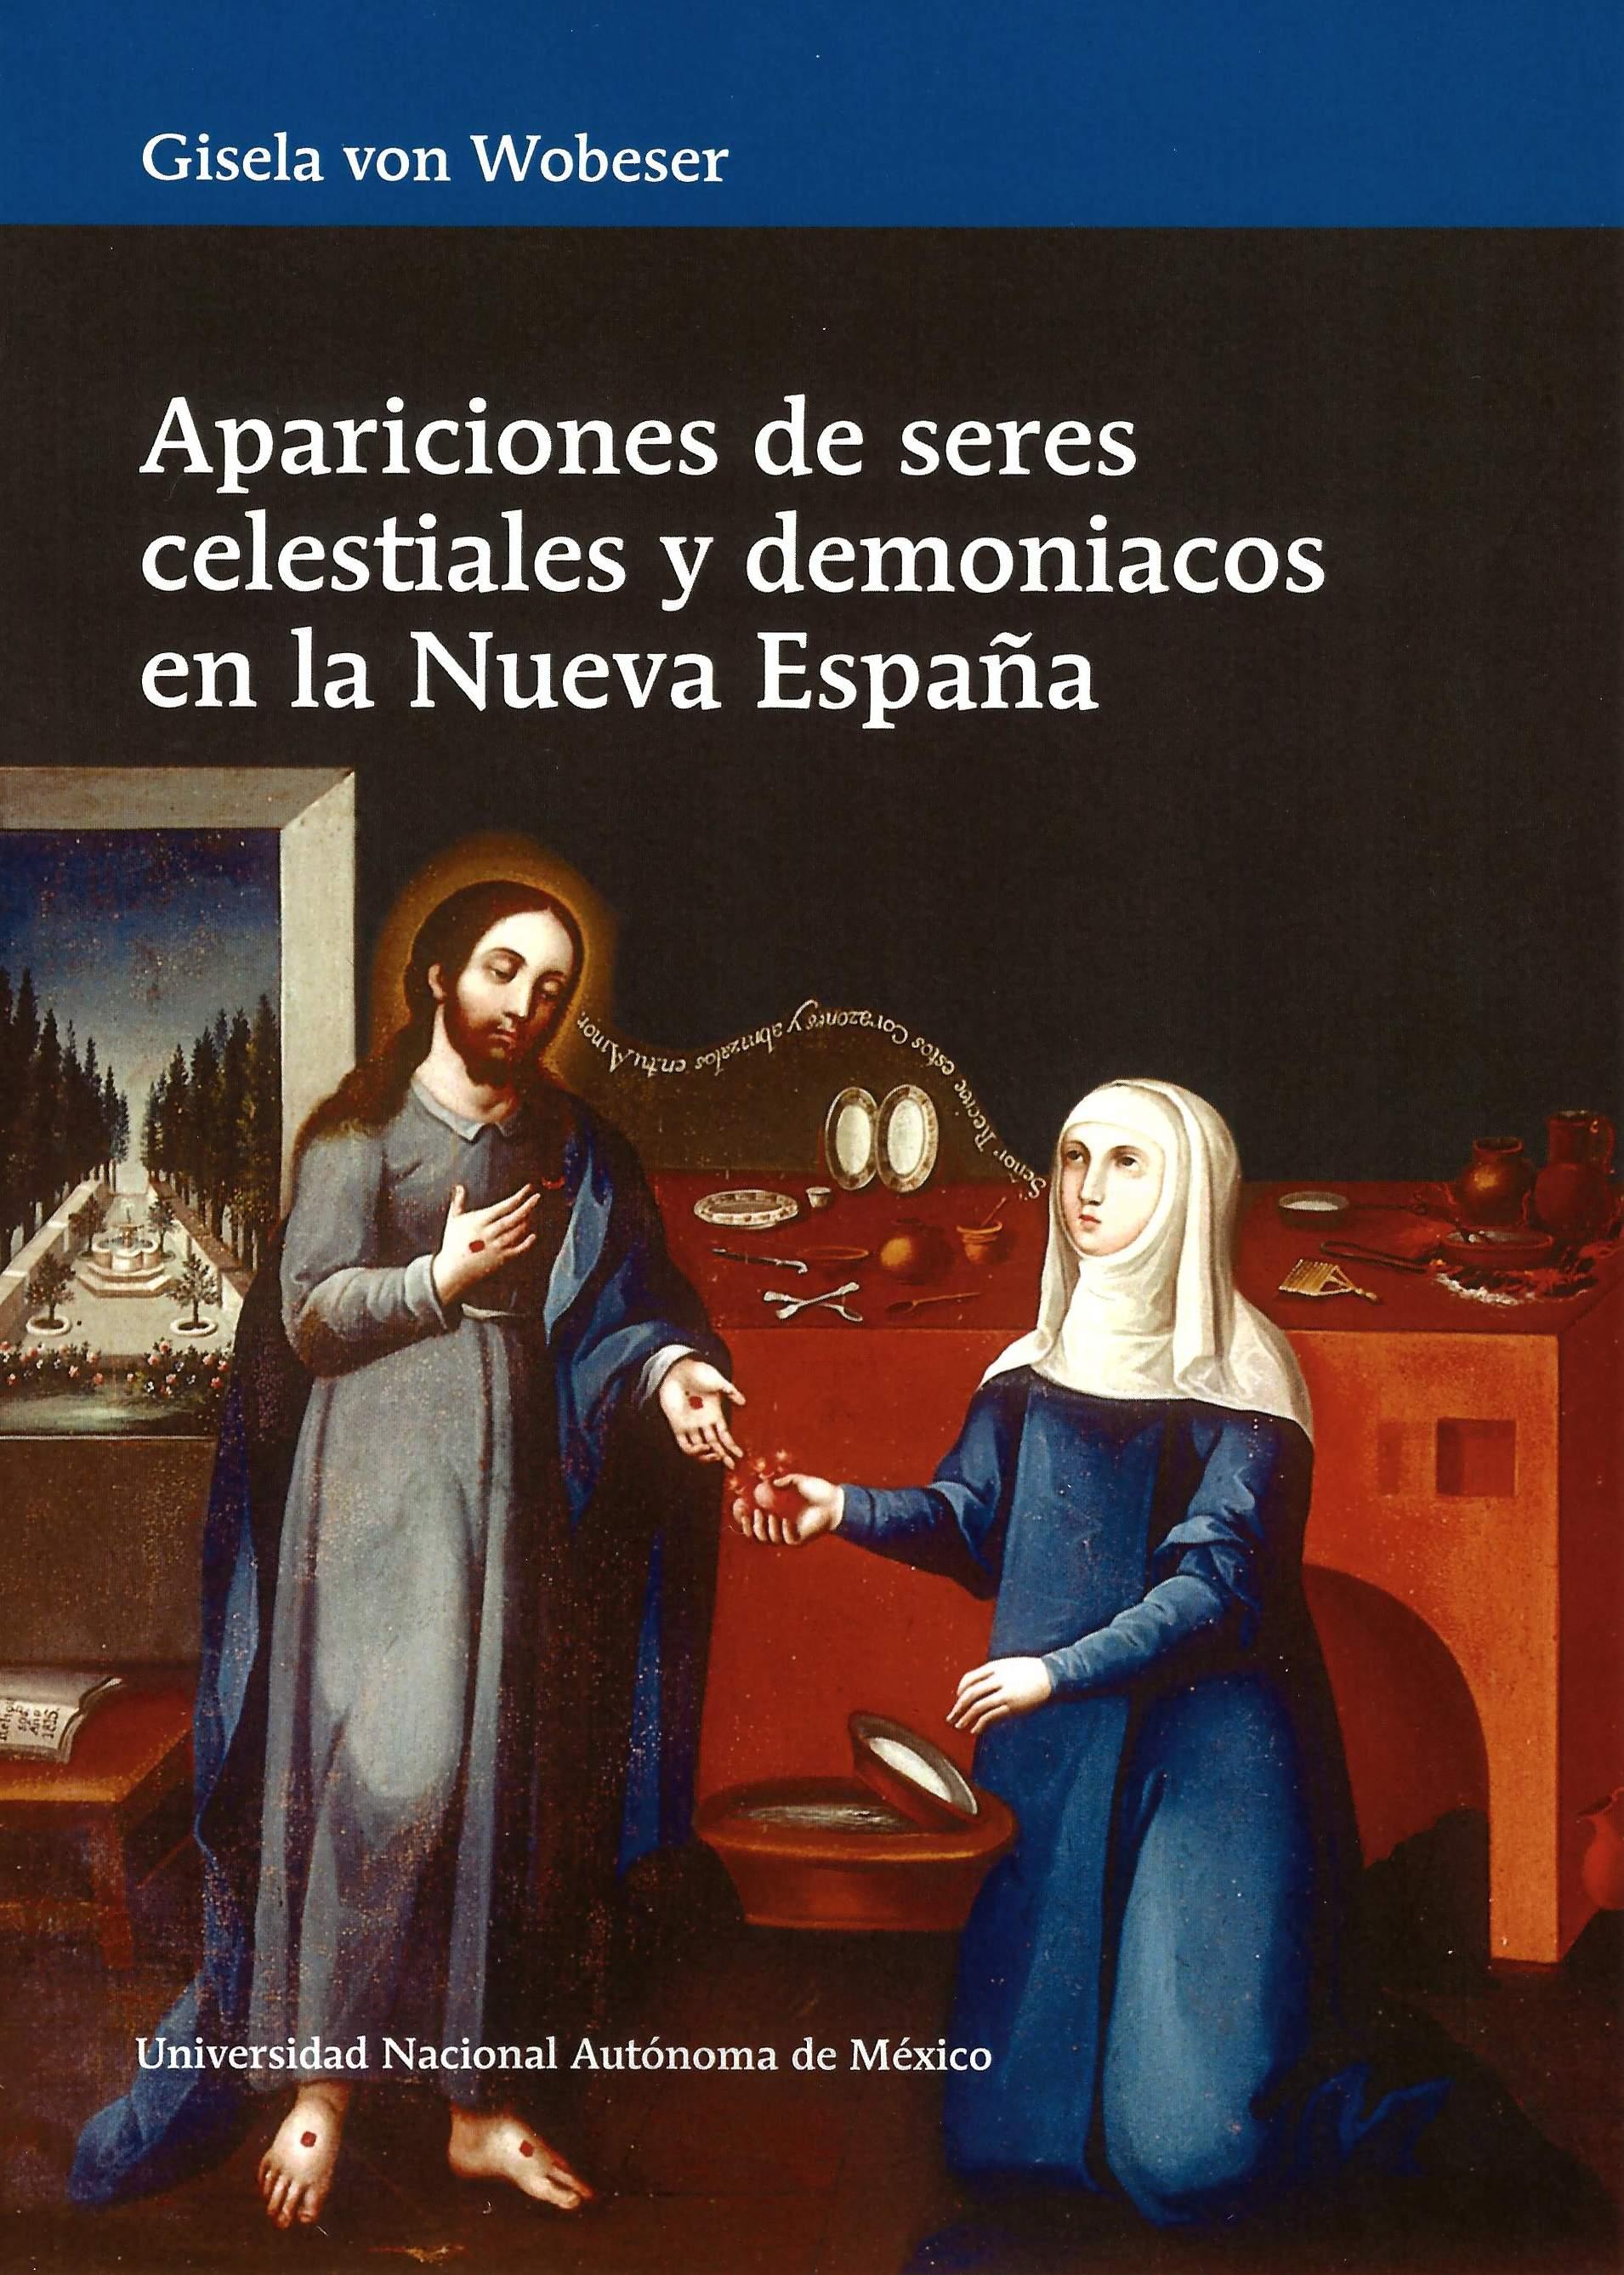 Apariciones de seres celestiales y demoniacos en la Nueva España